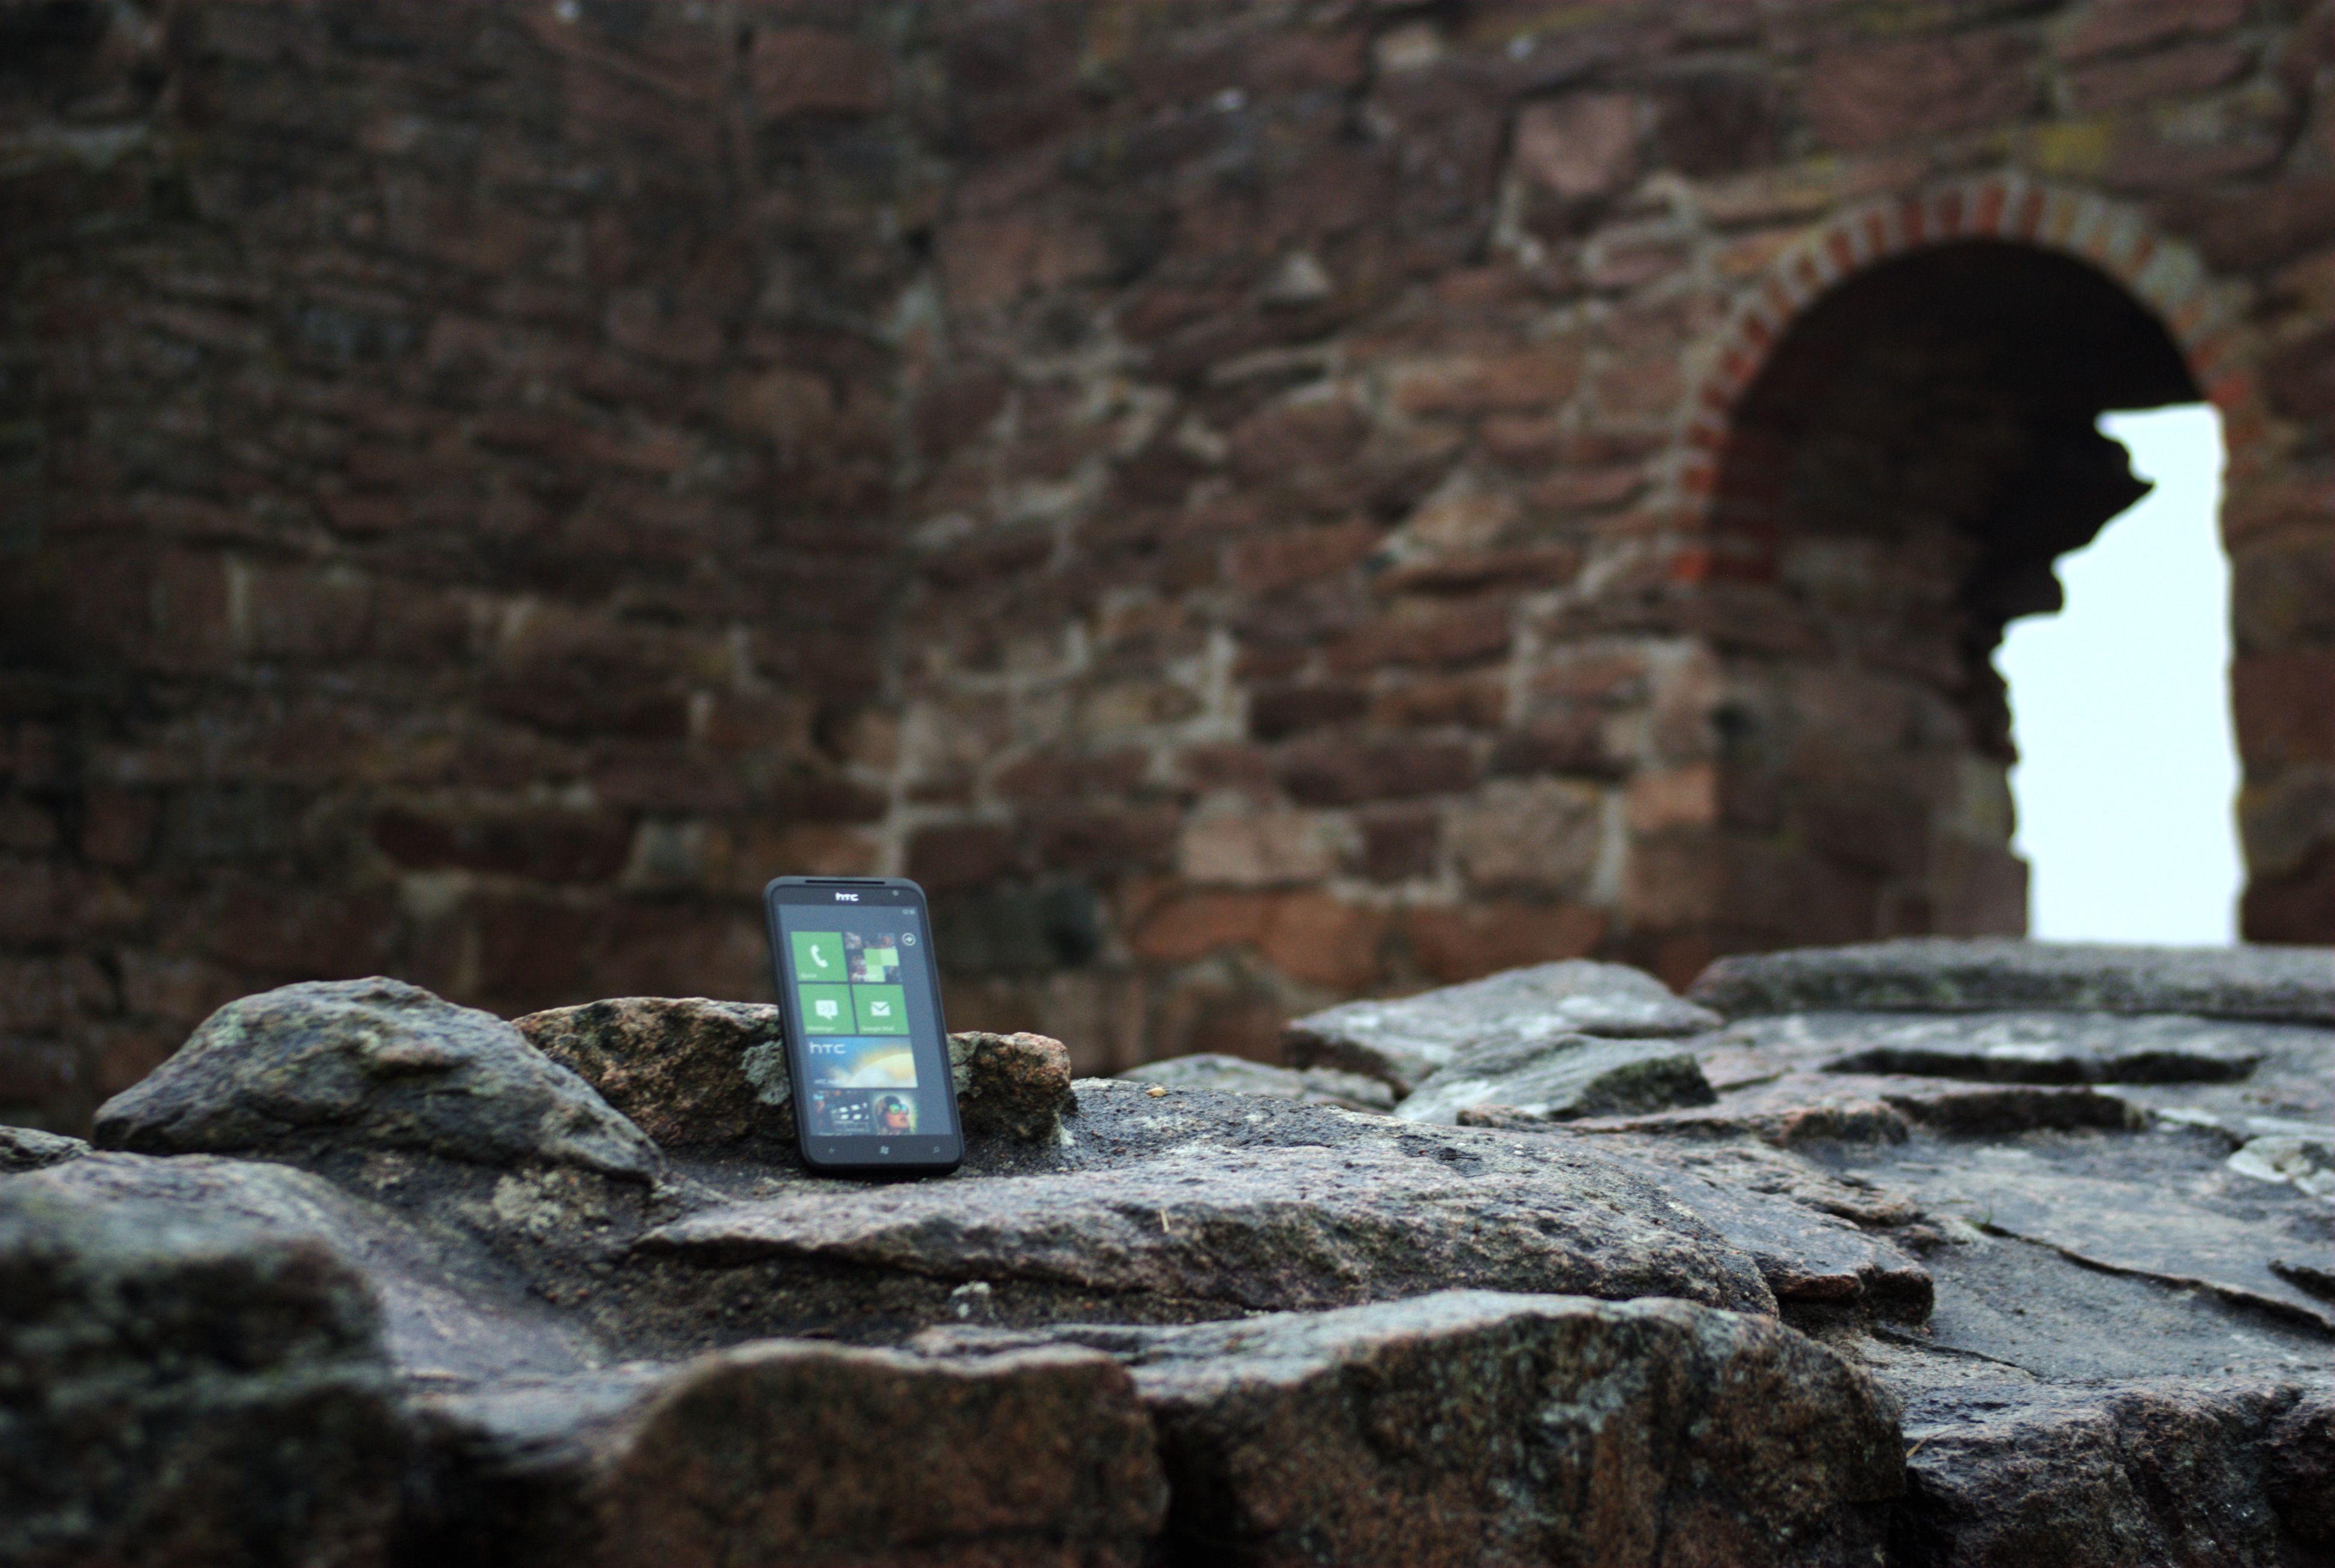 Windows Mobile var populært, men ligger nå i ruiner. Windows Phone 7.5 Mango er en lovende erstatter! (Foto: Einar Eriksen)